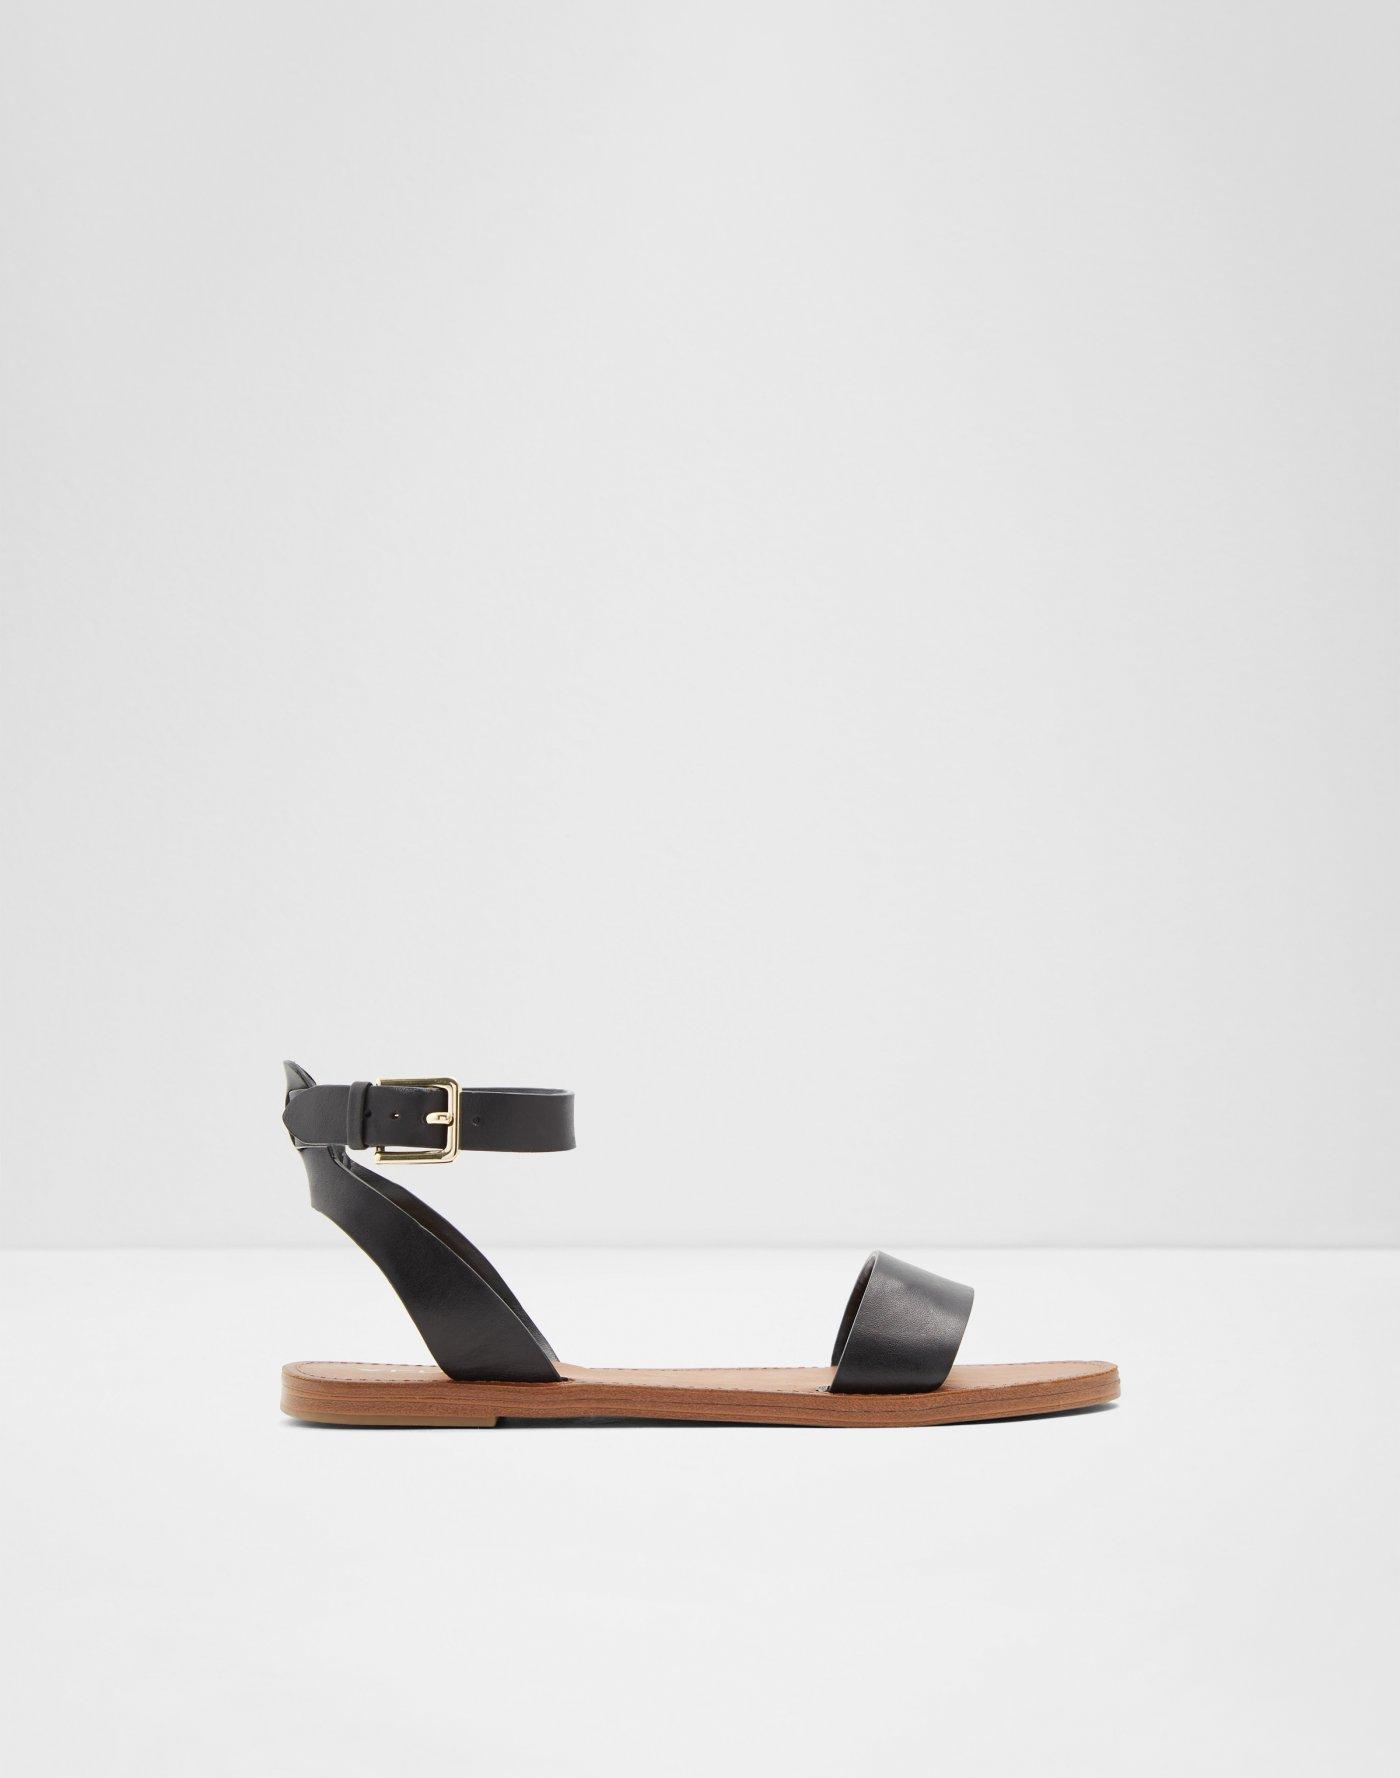 2ddff14d28f4d Flat Sandals   Women Sandals   ALDO US   Aldoshoes.com US